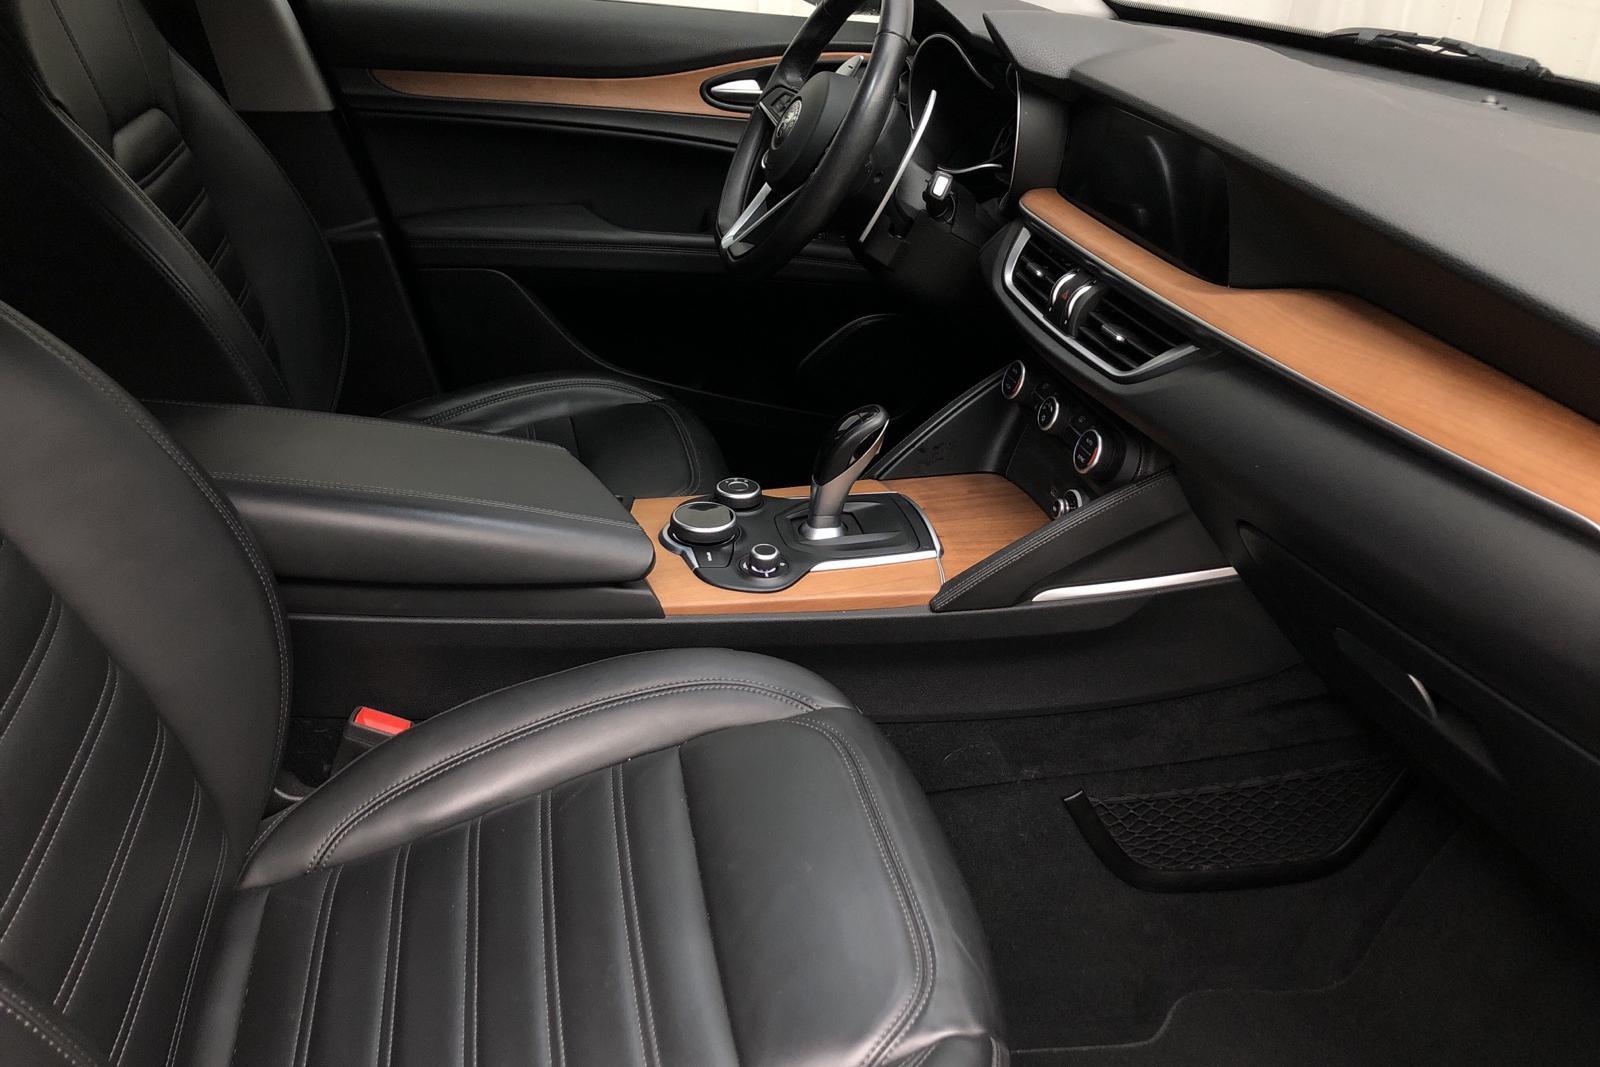 Alfa Romeo Stelvio 2.0 AWD (280hk) - 78 860 km - Automatic - gray - 2017